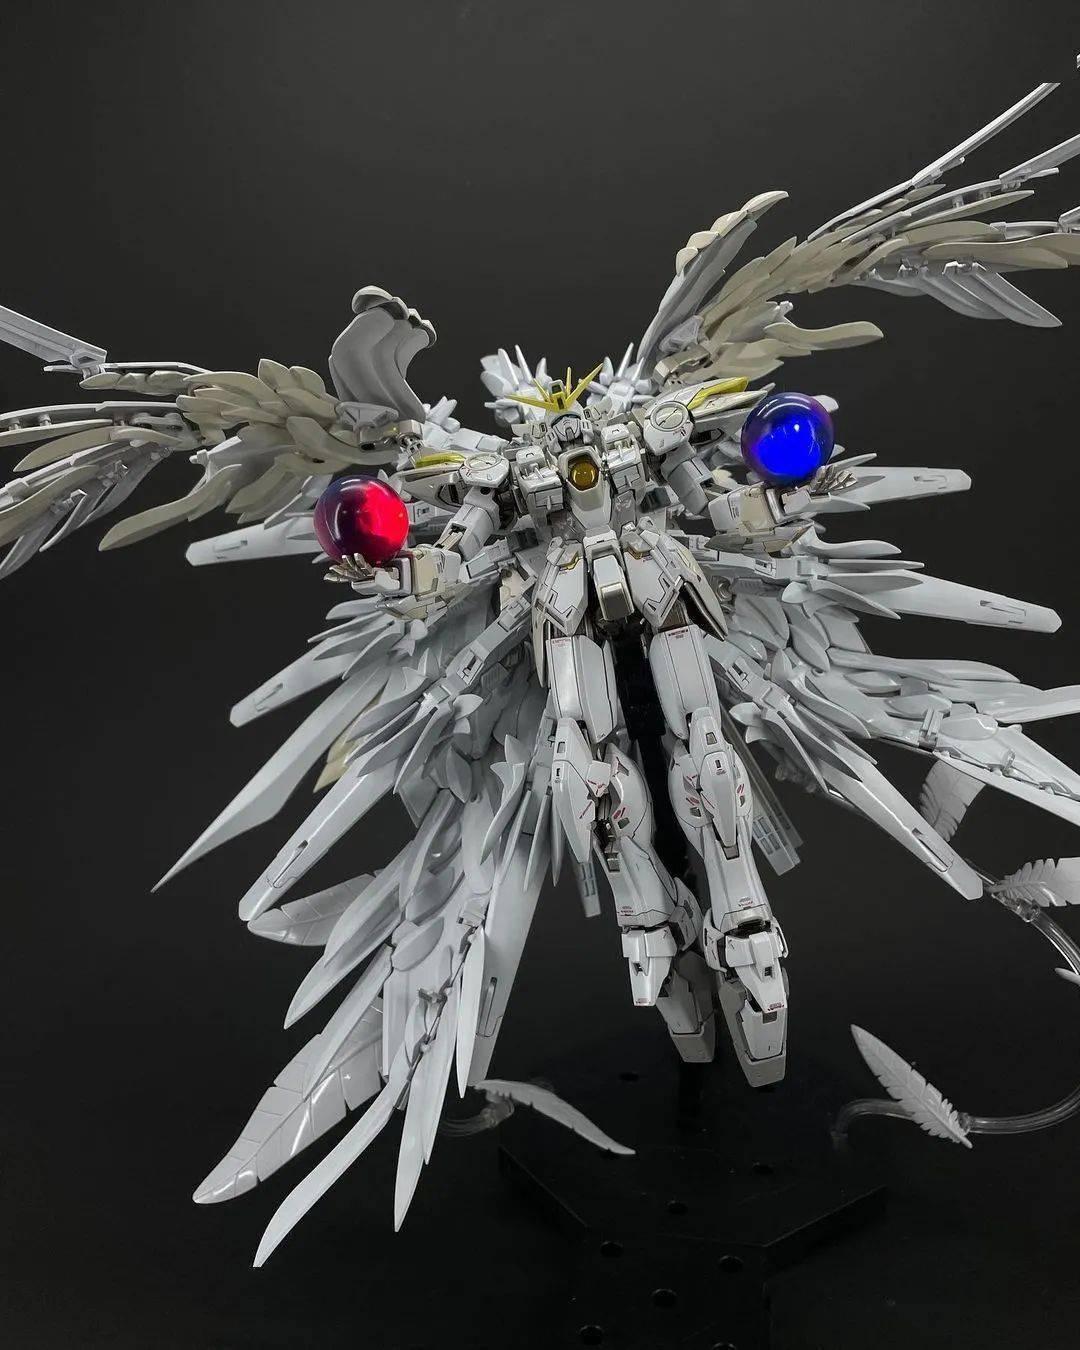 白雪姬改造涂装,零式飞翼这身太漂亮了